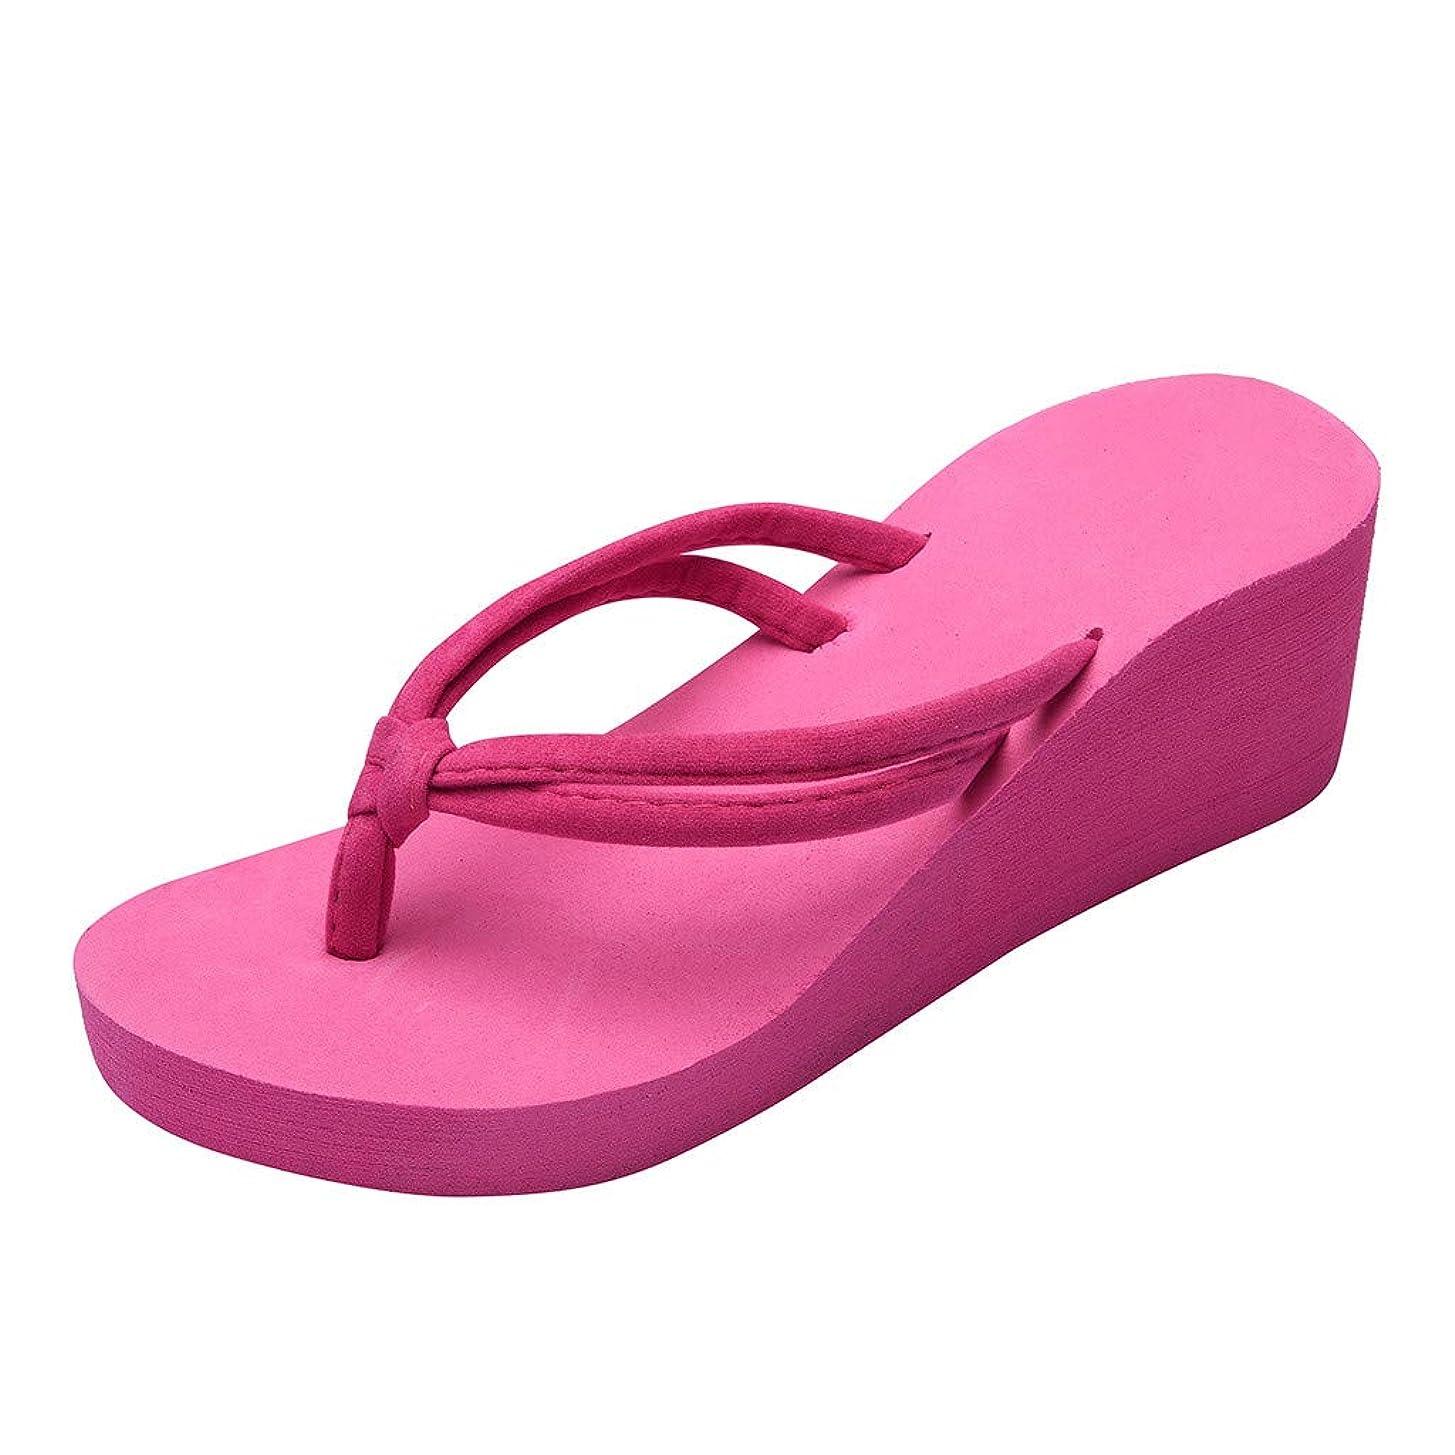 世界的に馬力ソーシャル[Florrita-シューズ&バッグ] ビーチサンダル レディース 厚底 軽量トングサンダル シンプル無地 フリップフロップ トングサンダル ヒール 痛くない sandal 女性 ウェッジソール 歩きやすい 美脚 履き心地 靴 大人 夏 海 防水台